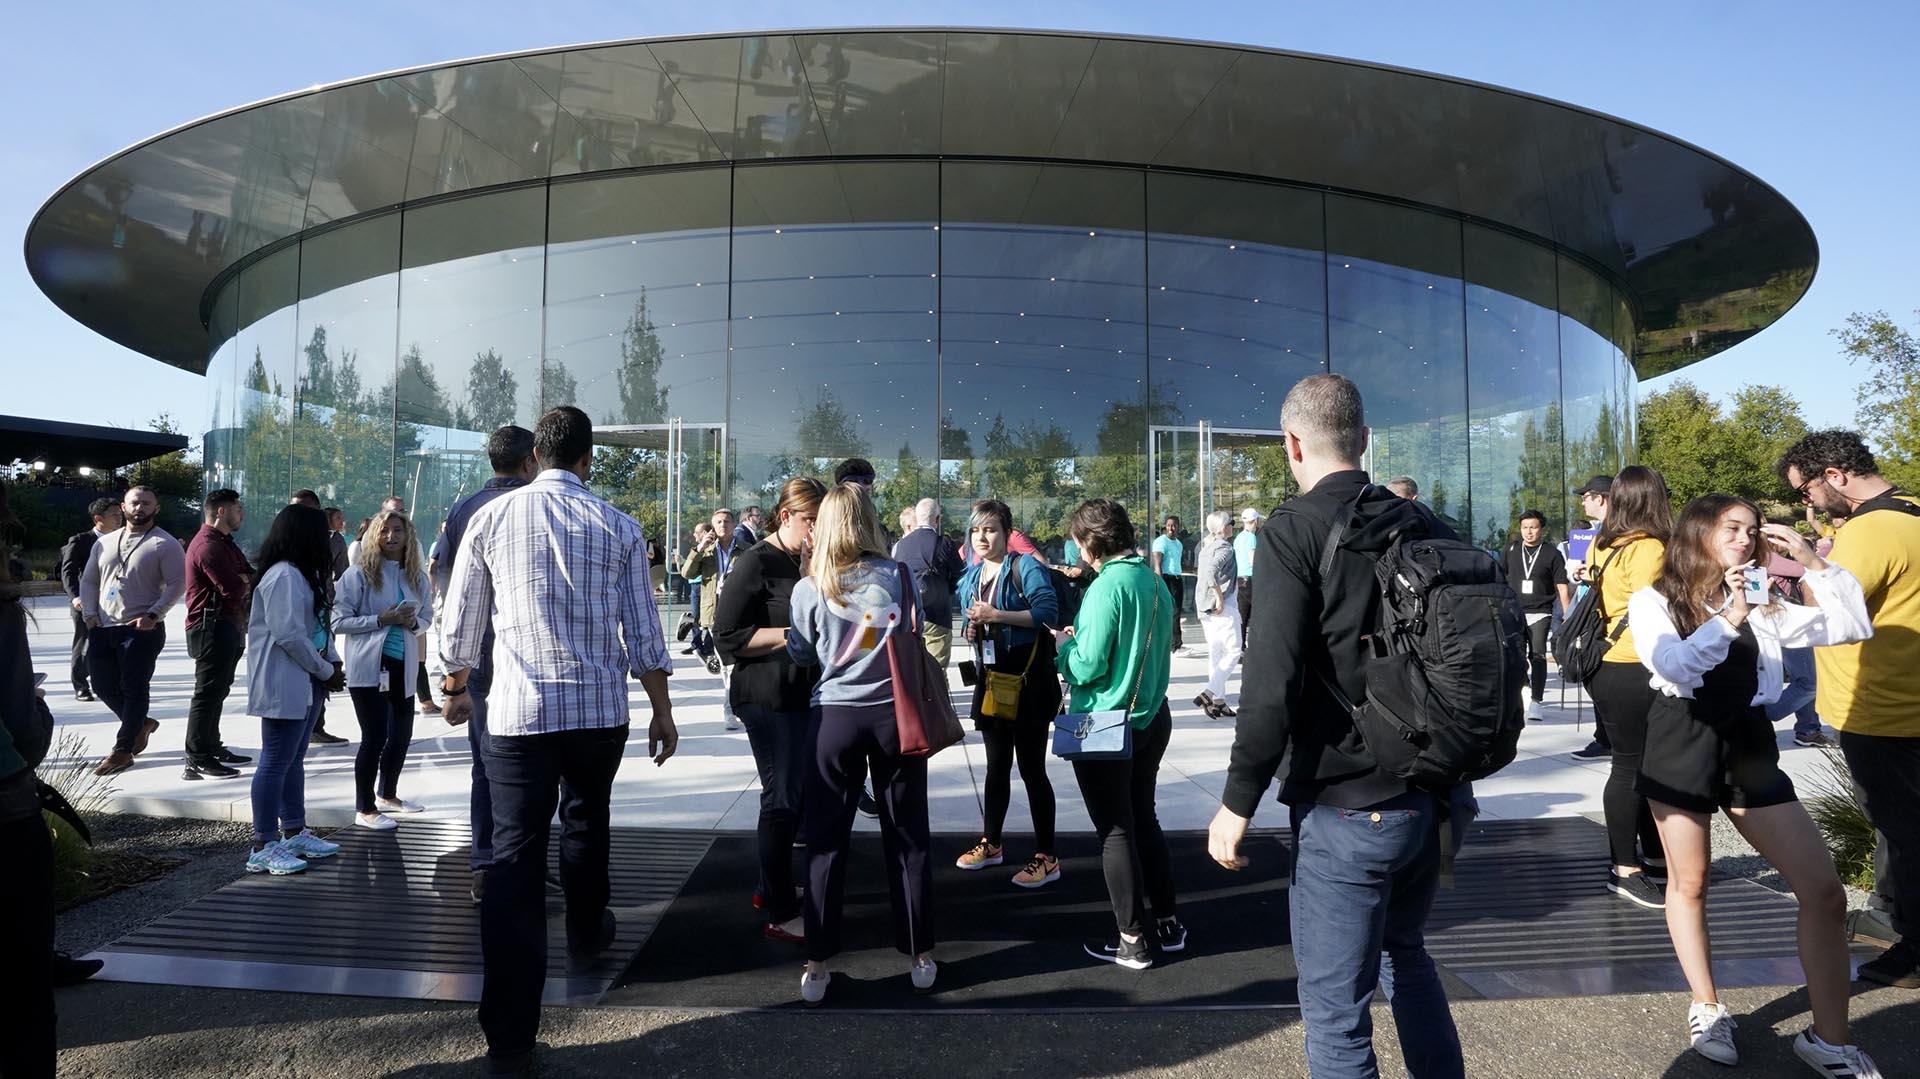 La gente llega al complejo de Apple en Cupertino, California, para un anuncio de nuevos productos este martes 10 de septiembre de 2019 (AP Photo/Tony Avelar)